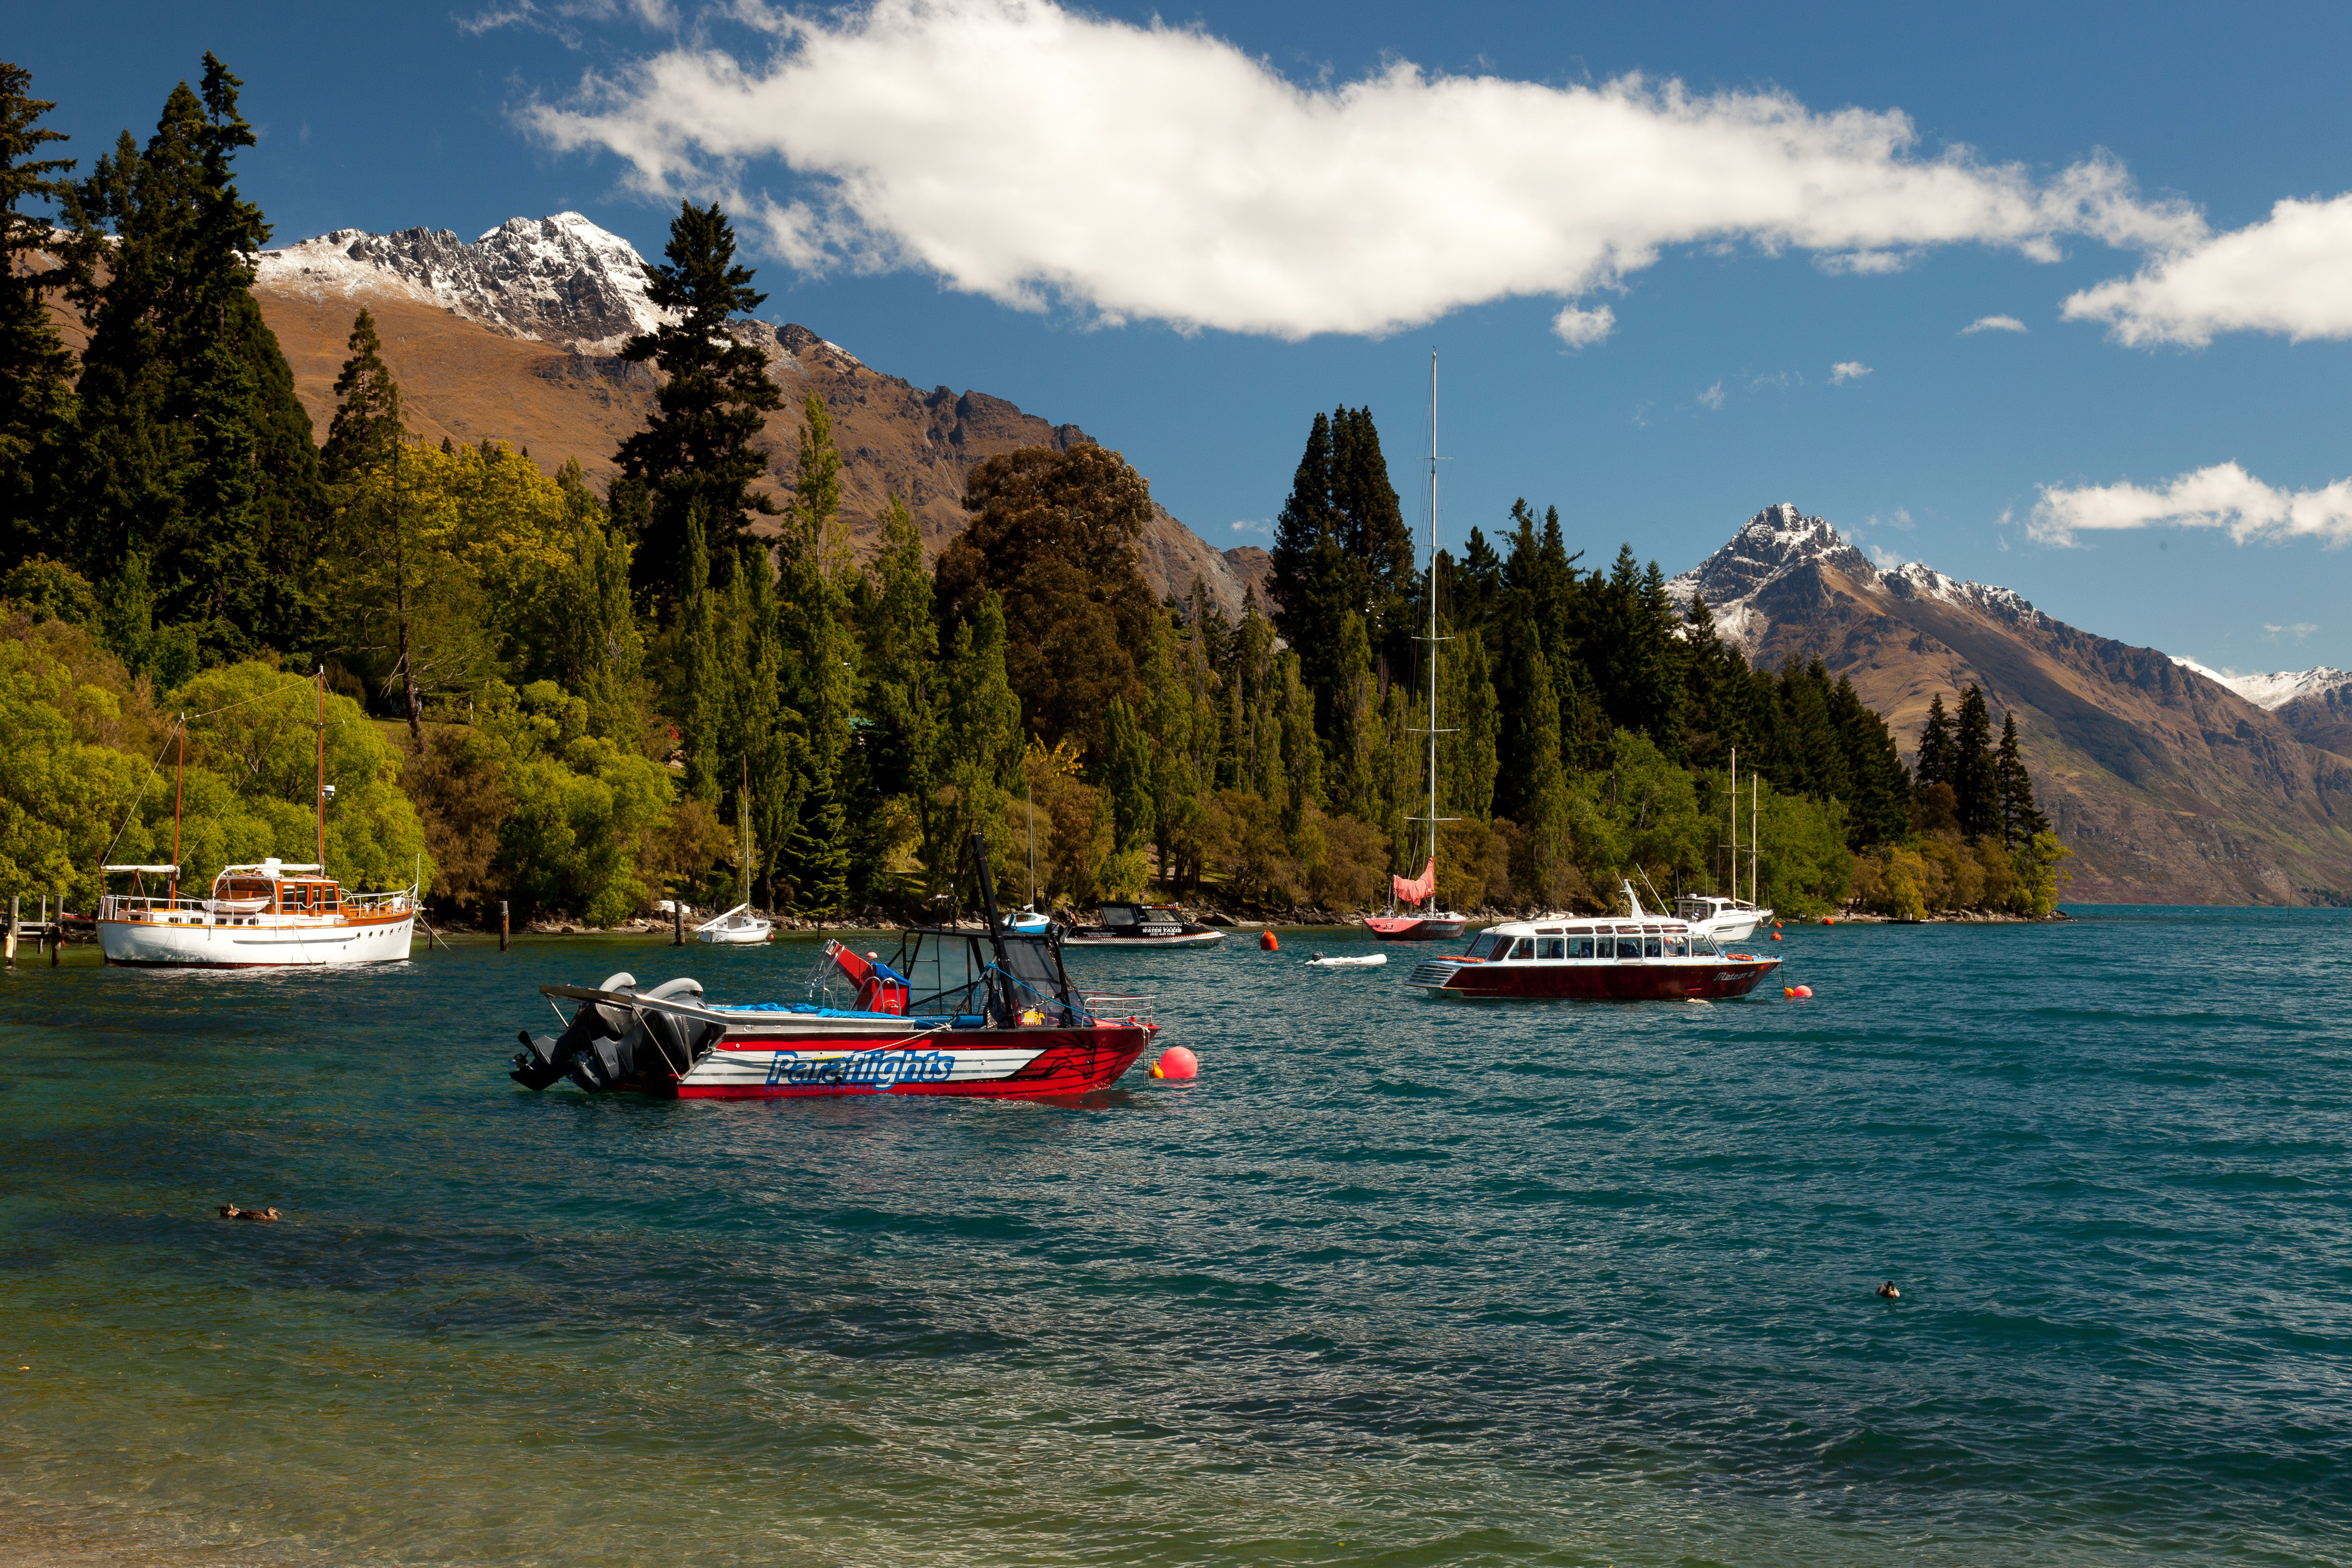 На лодке в горном озере  № 3062484 загрузить